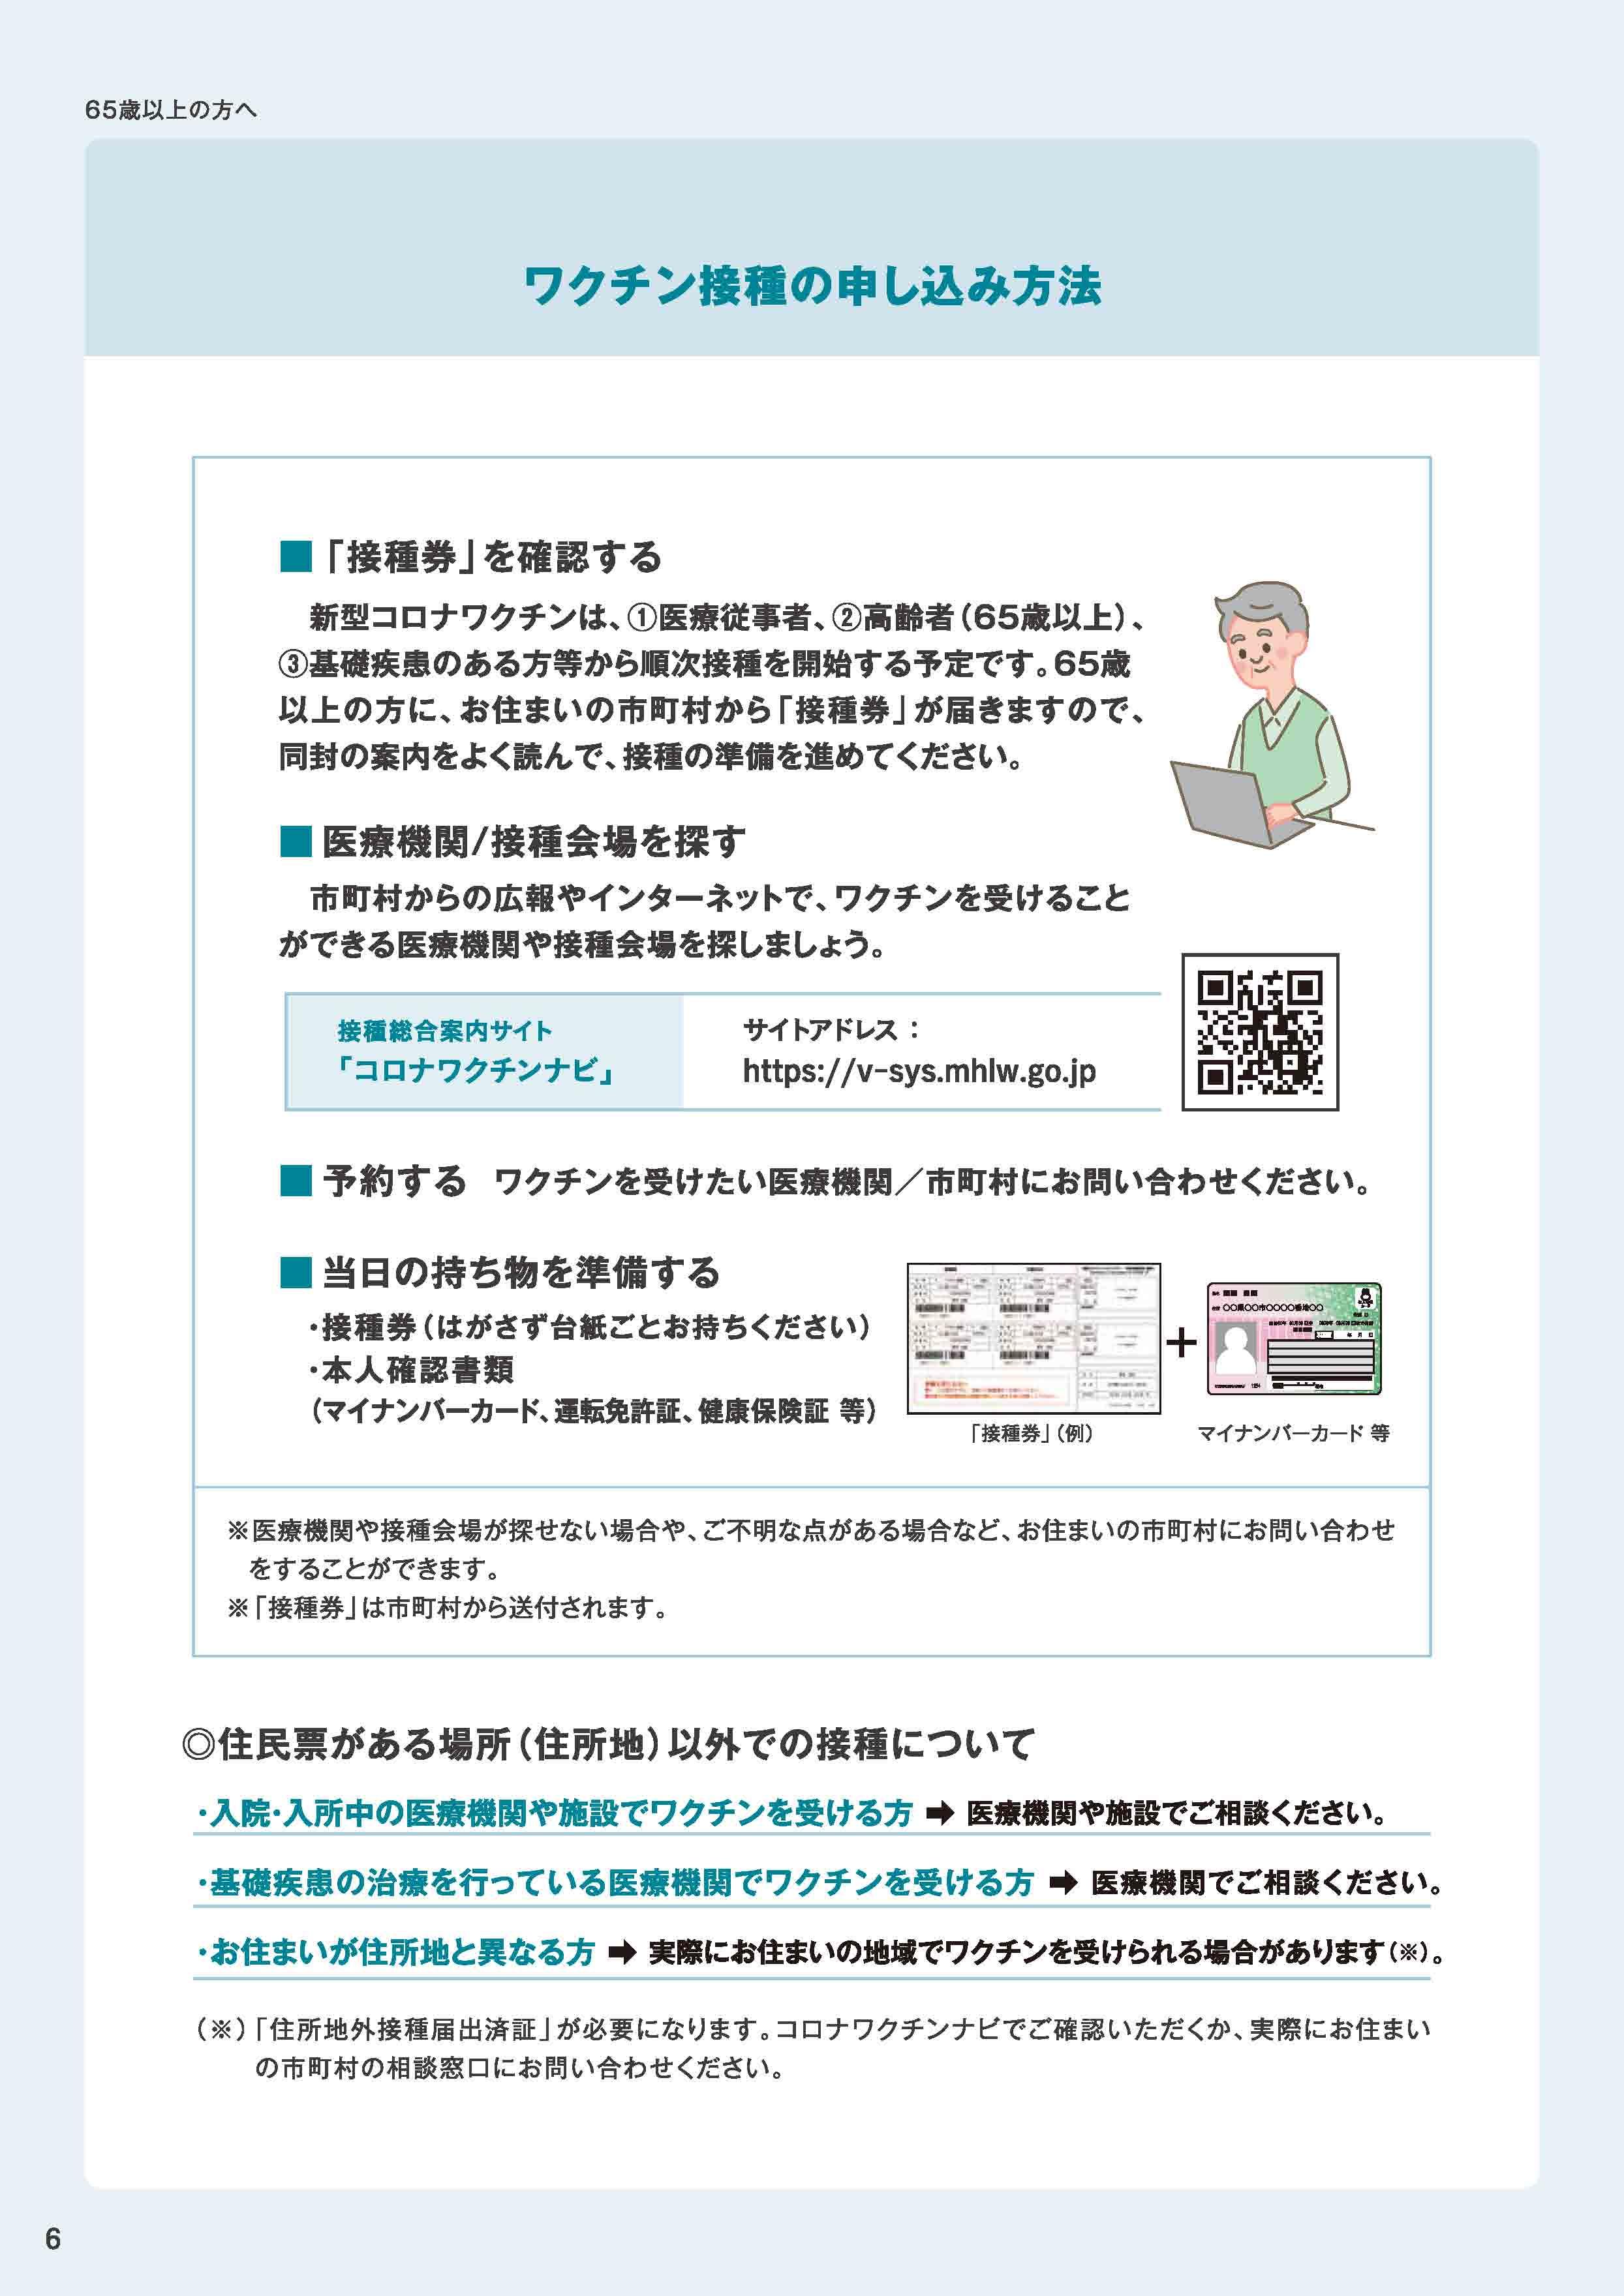 接種のお知らせ(高齢者接種)_ページ_6